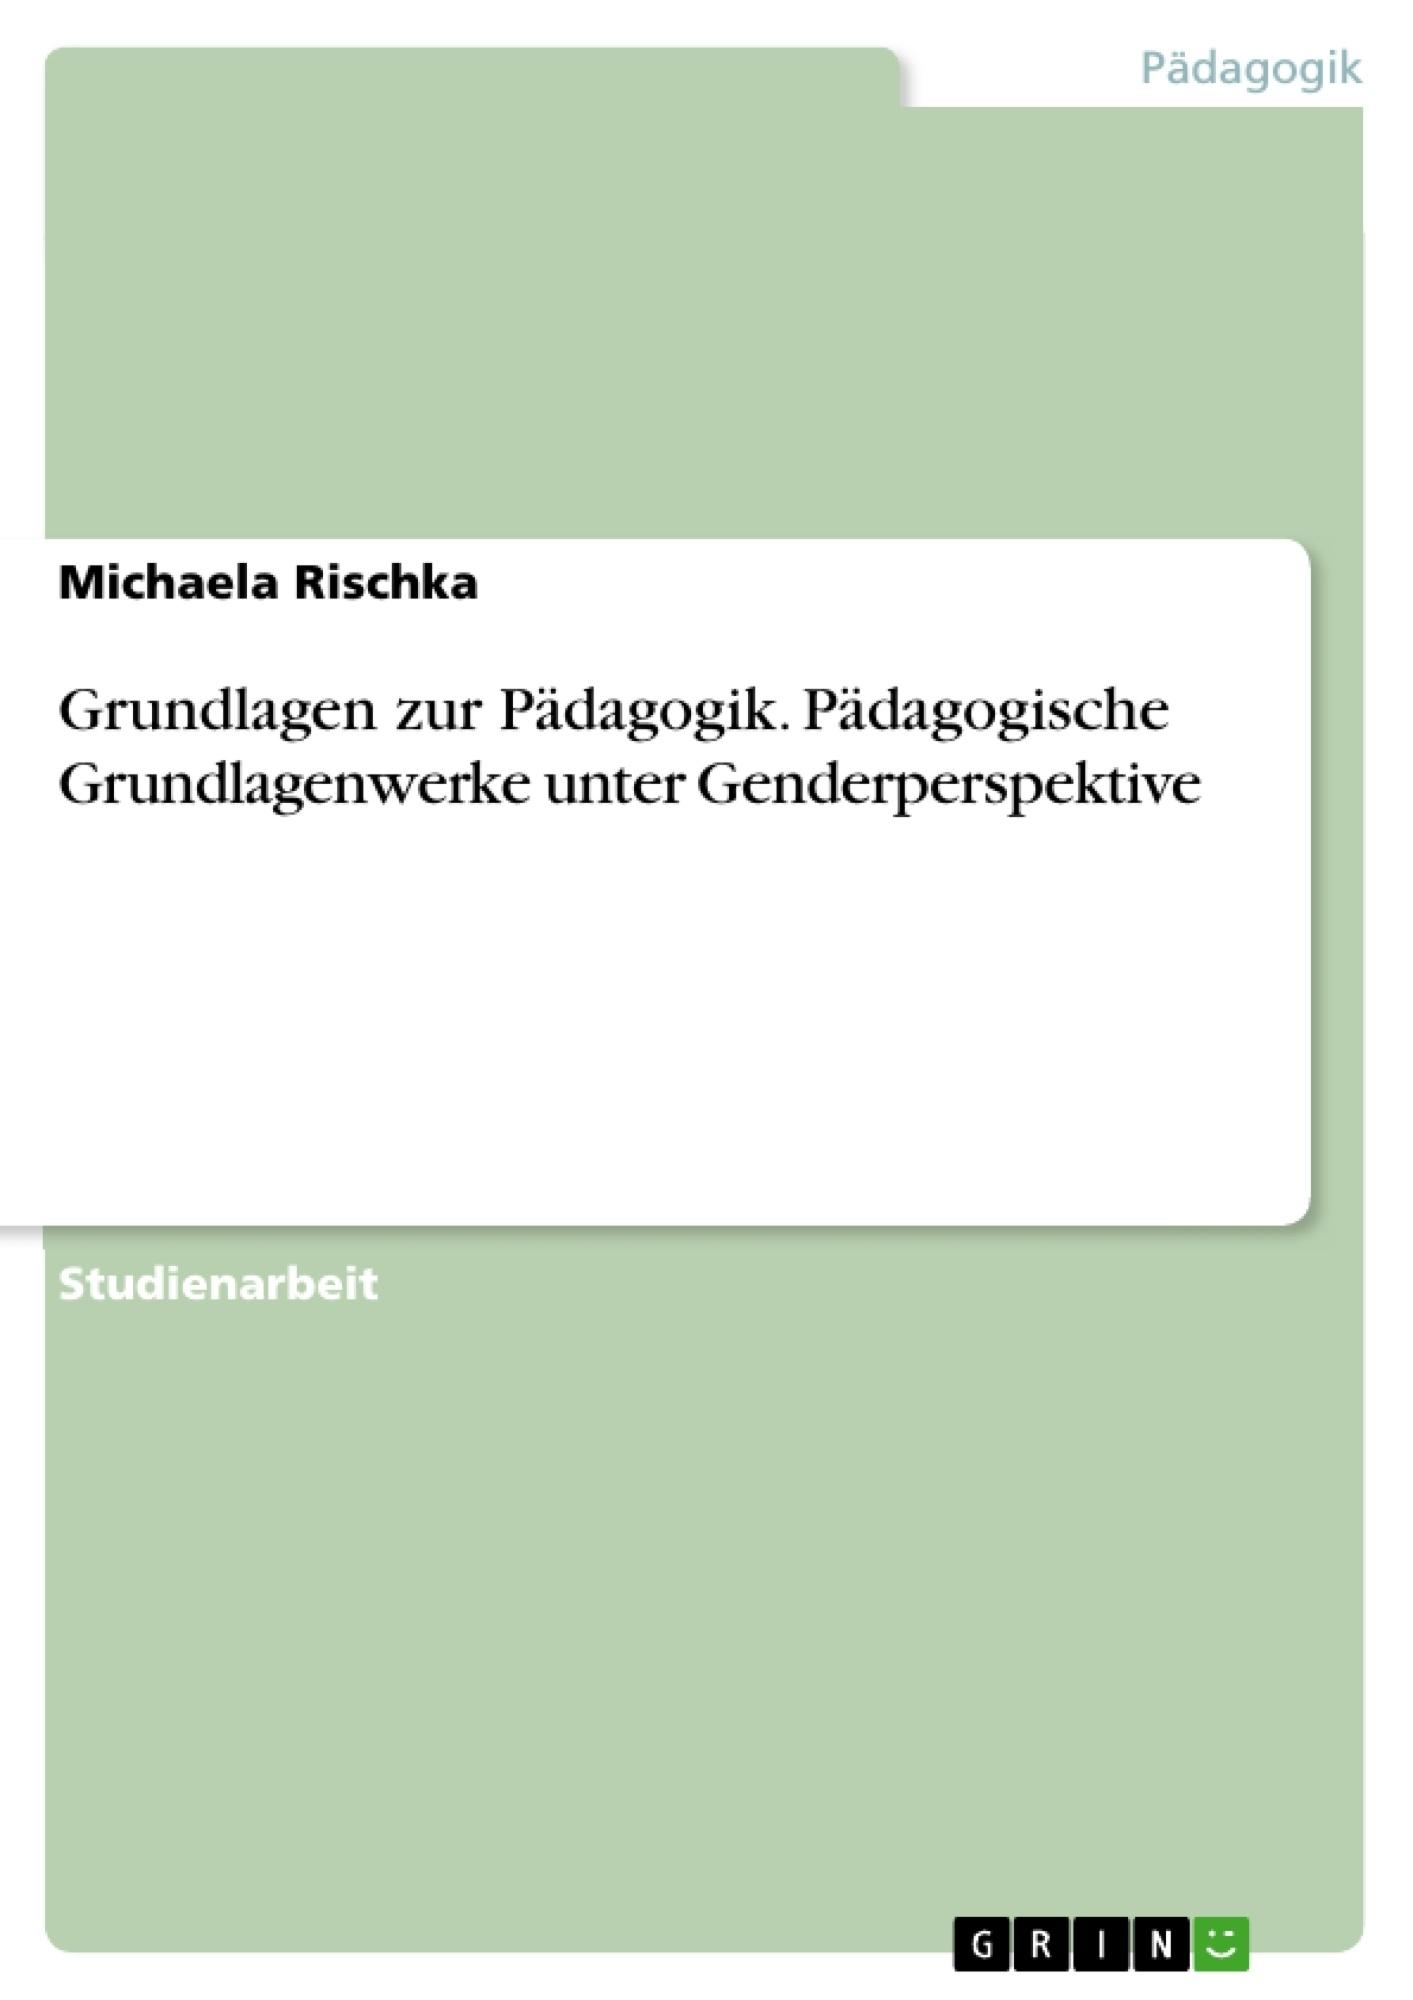 Titel: Grundlagen zur Pädagogik. Pädagogische Grundlagenwerke unter Genderperspektive